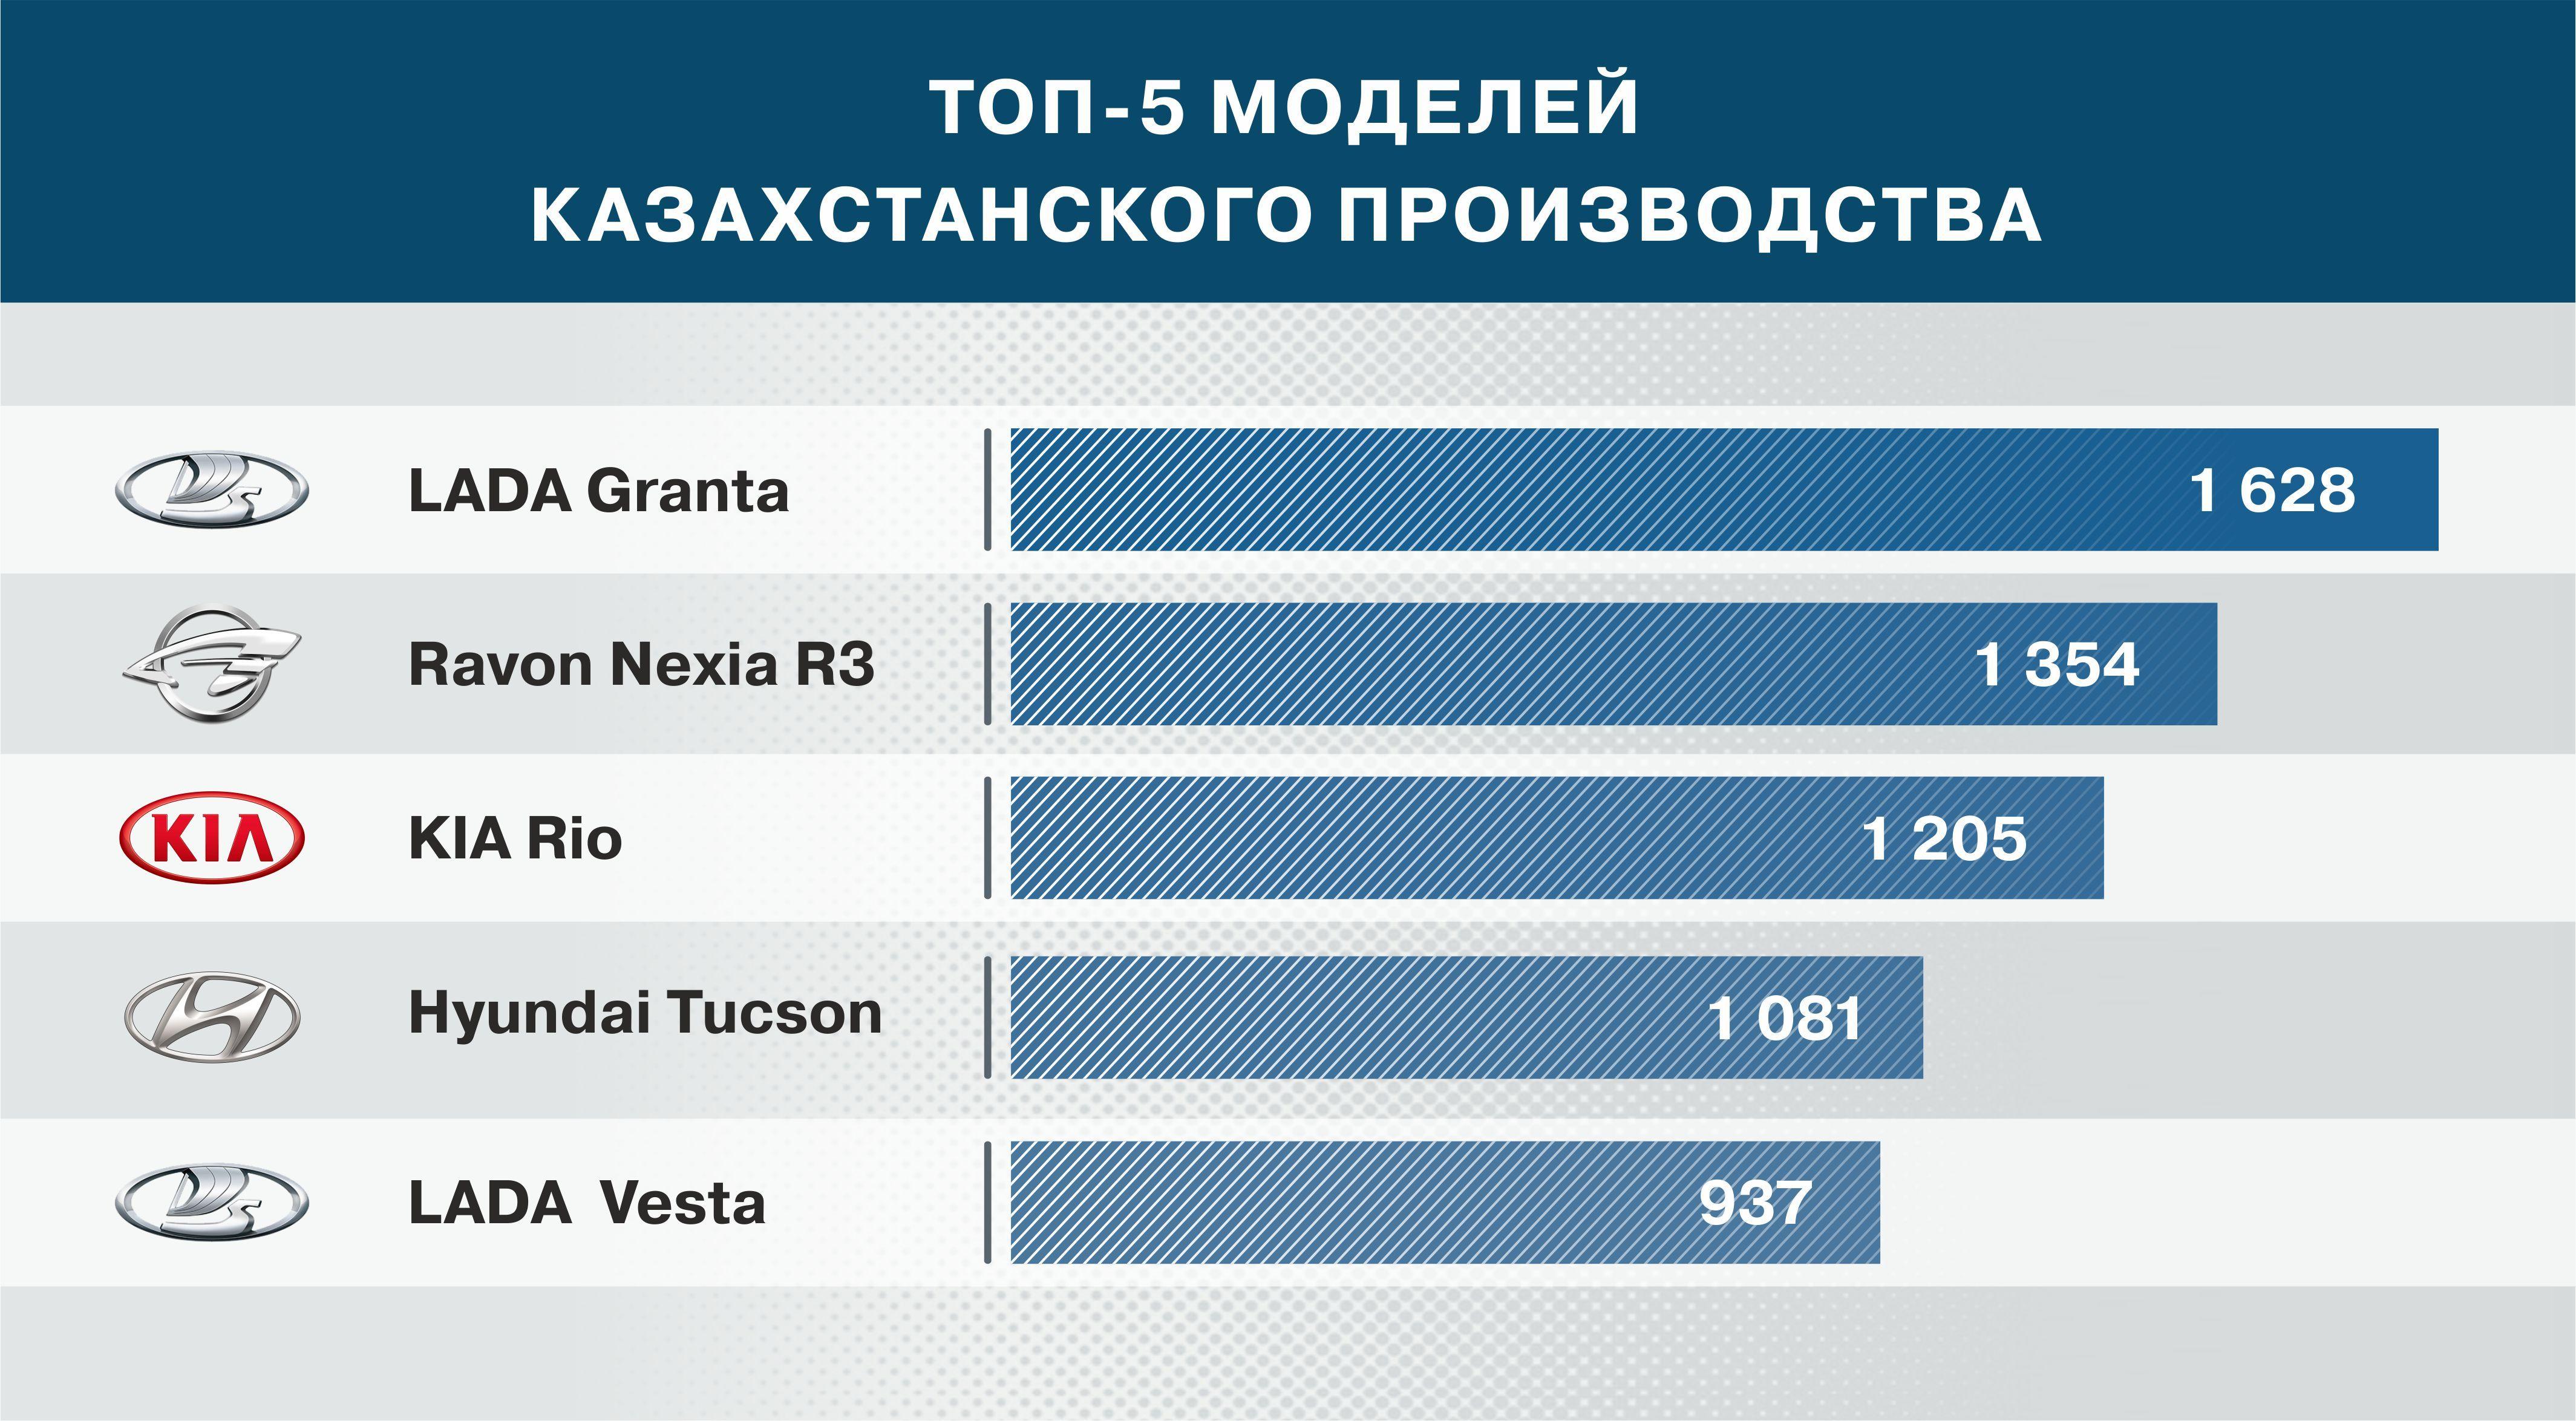 В Казахстане произвели автотранспортных средств на 139,5 млрд тенге 273782 - Kapital.kz